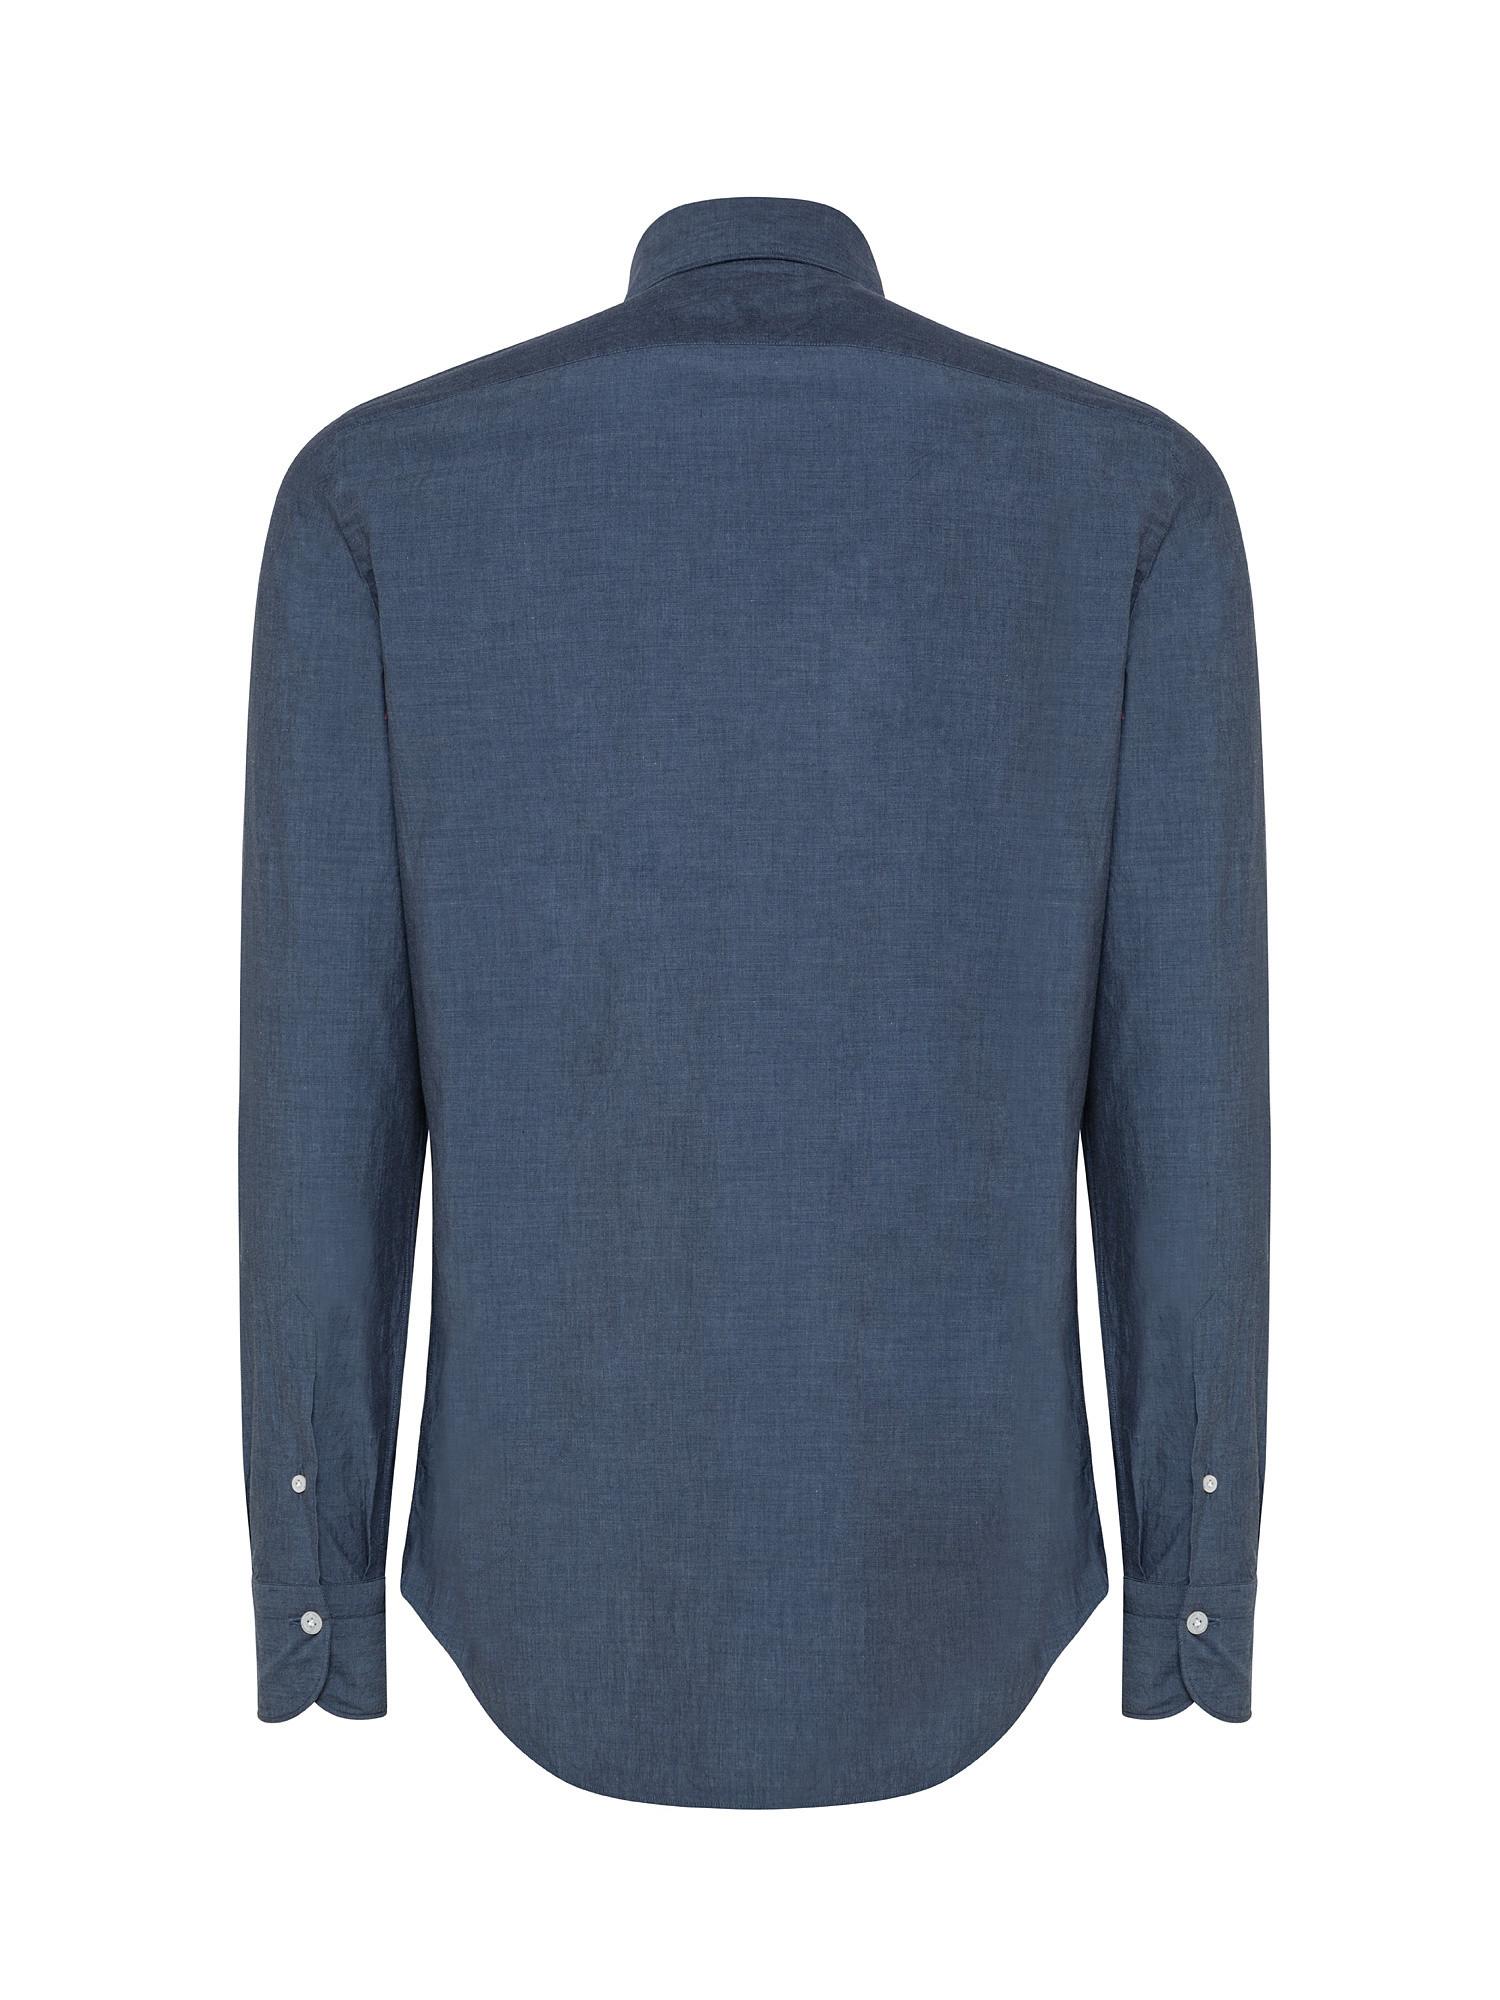 Camicia uomo slim fit, Denim, large image number 1